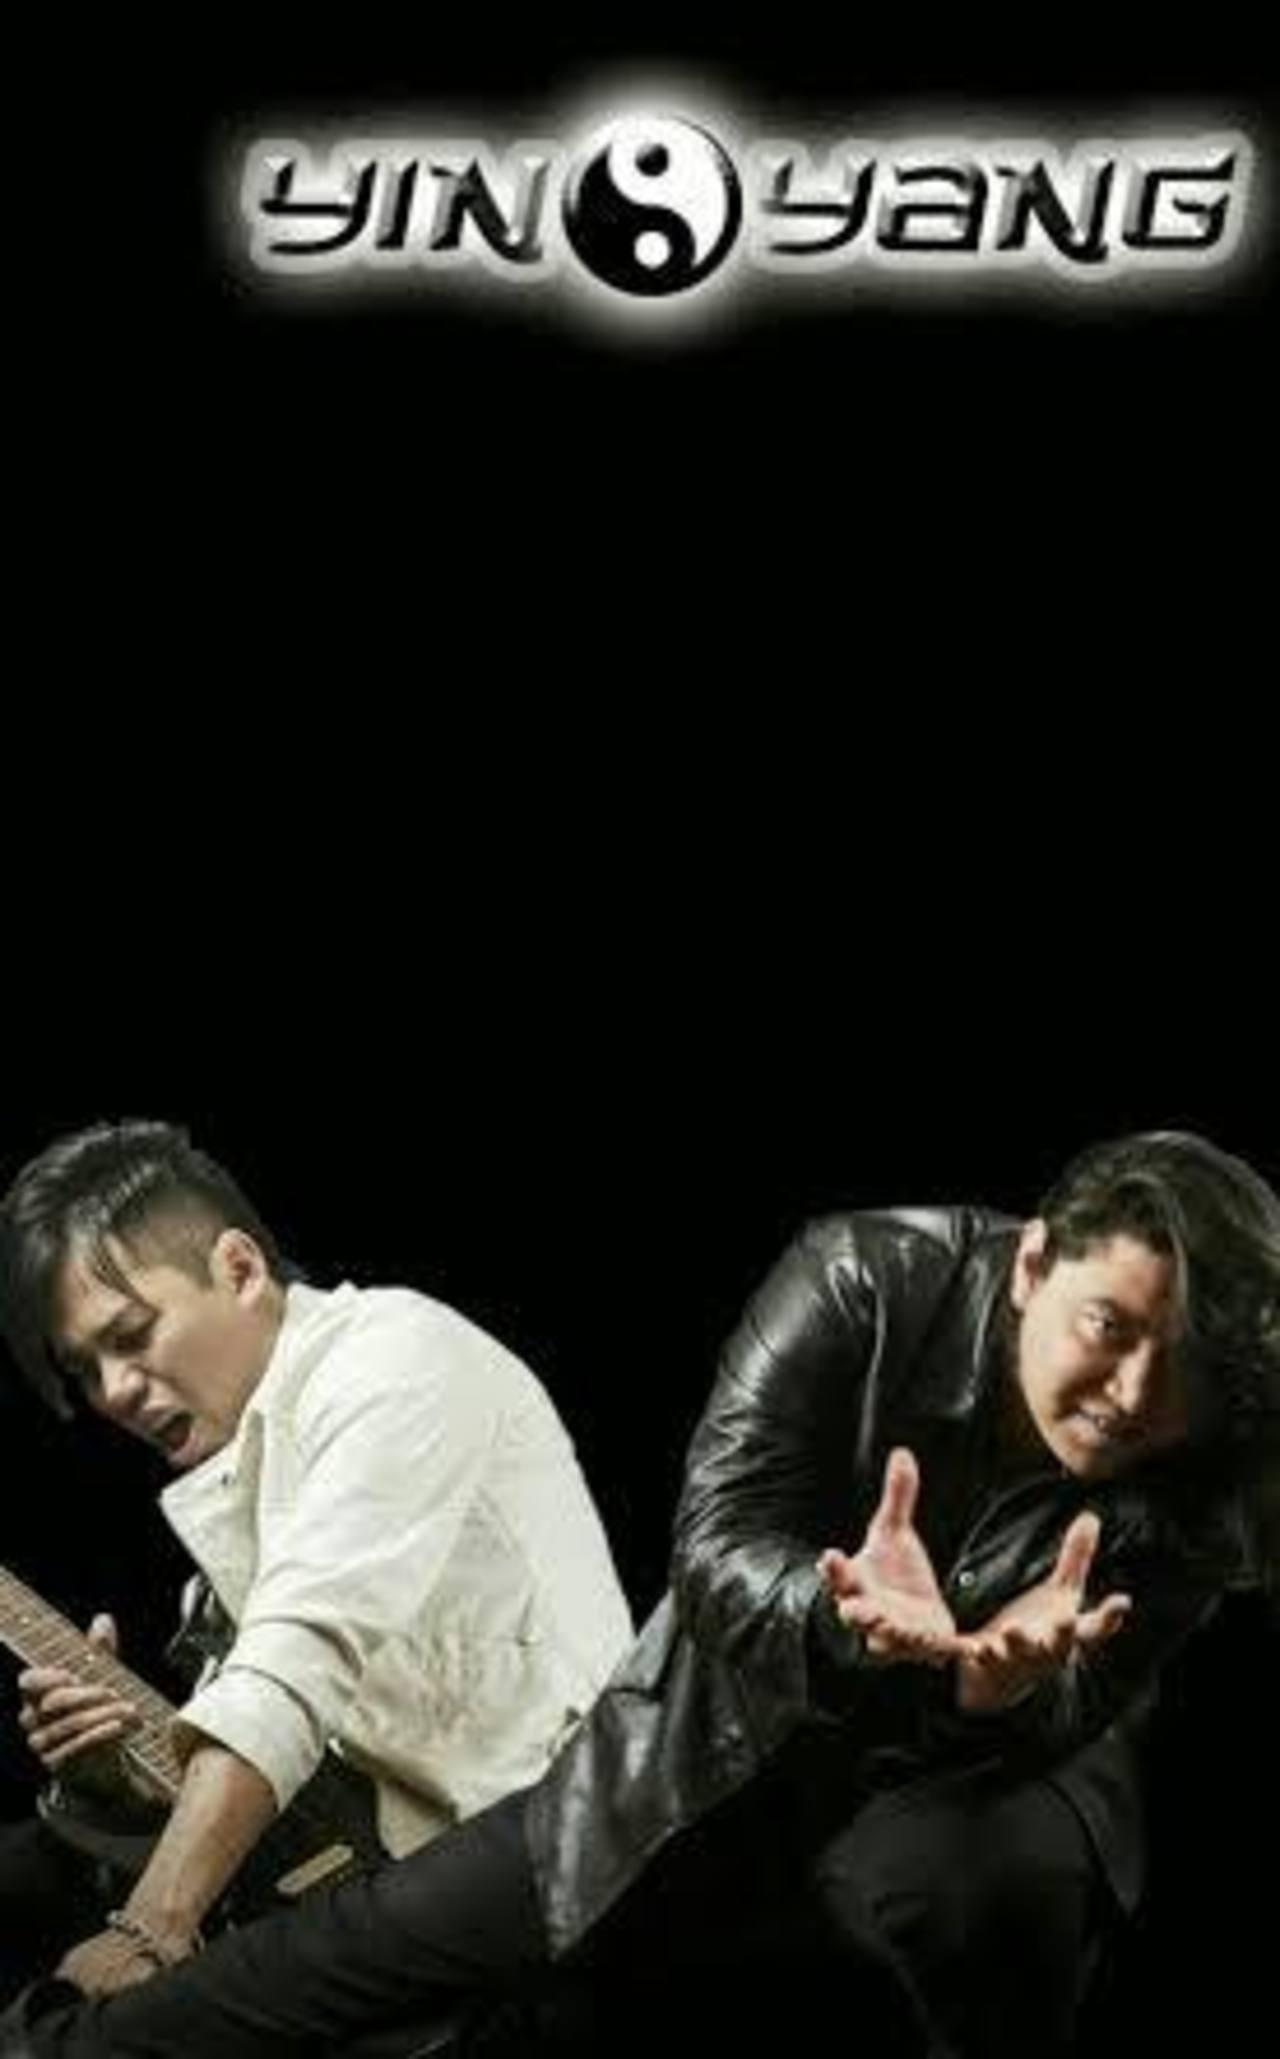 Toshi y Álex Hernández unieron su talento para formar esta banda que ya está produciendo material discográfico.